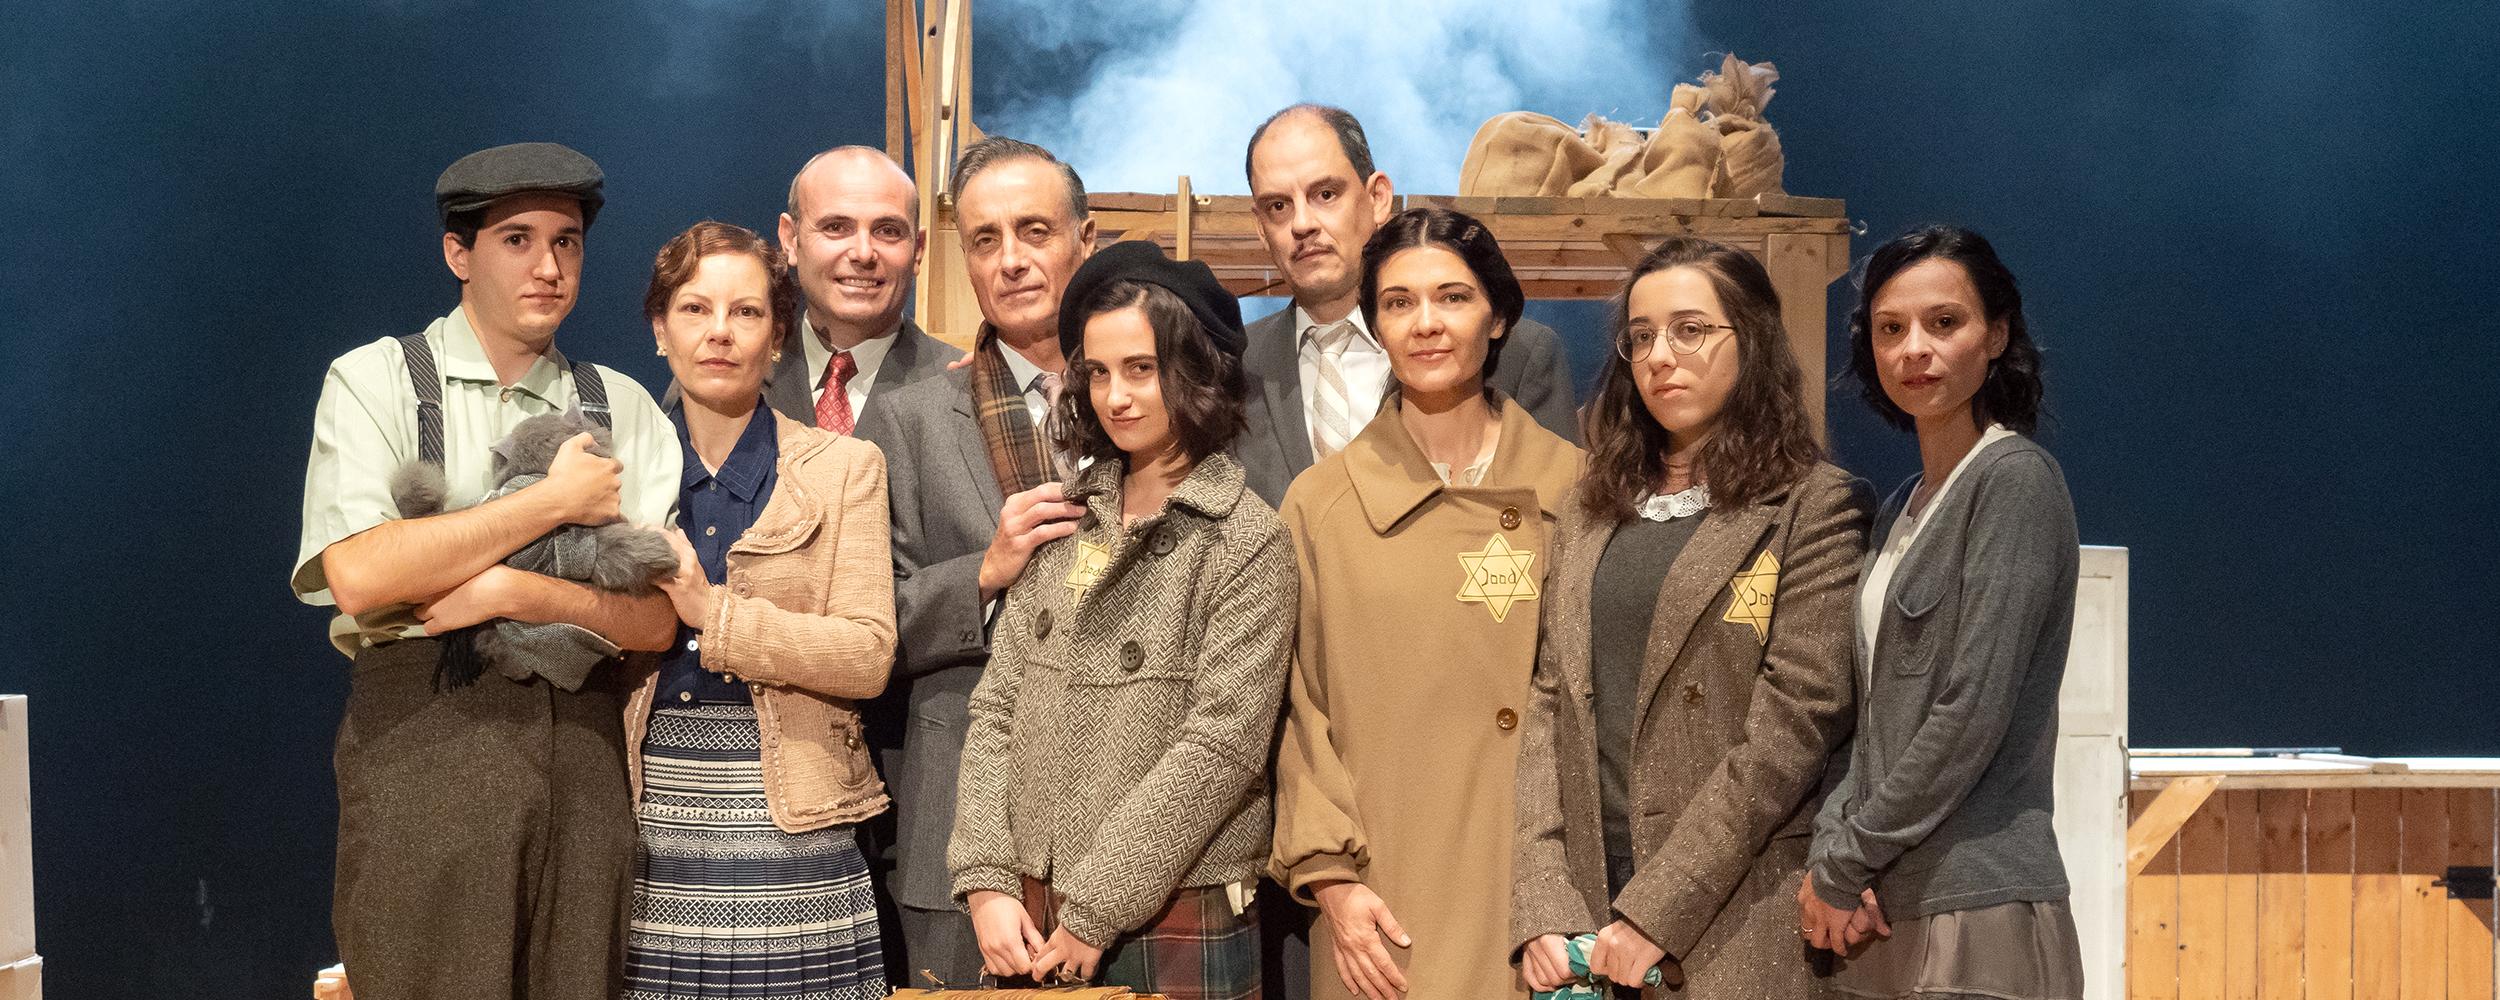 La Casa de Atrás vuelve a Murcia con 5 nominaciones en los Premios Azahar 2021